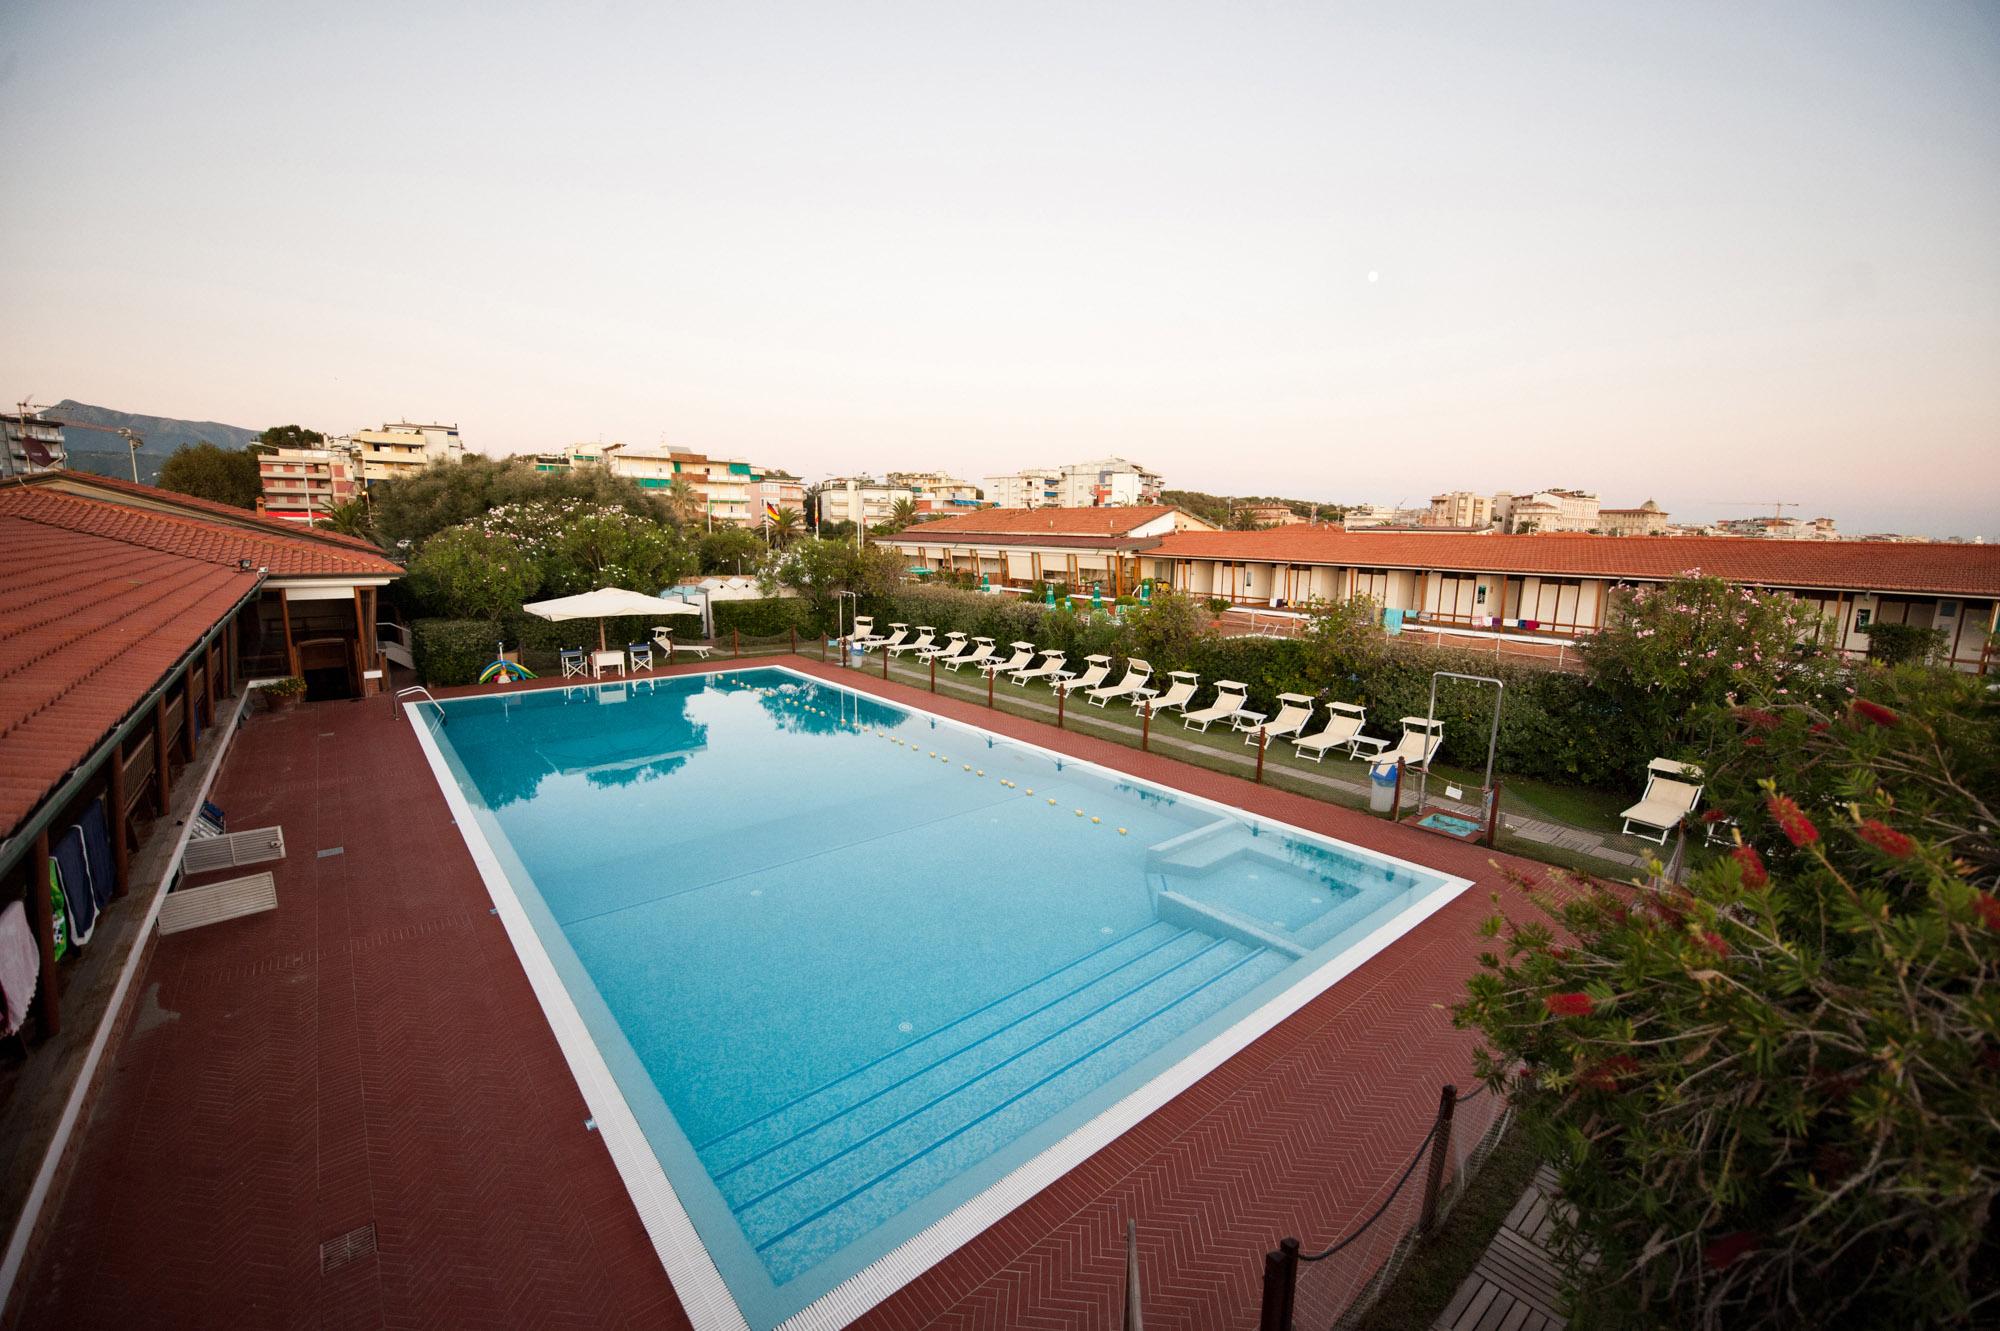 Servizi bagno pinocchio viareggio un 39 estate al mare in - Bagno pinocchio viareggio ...